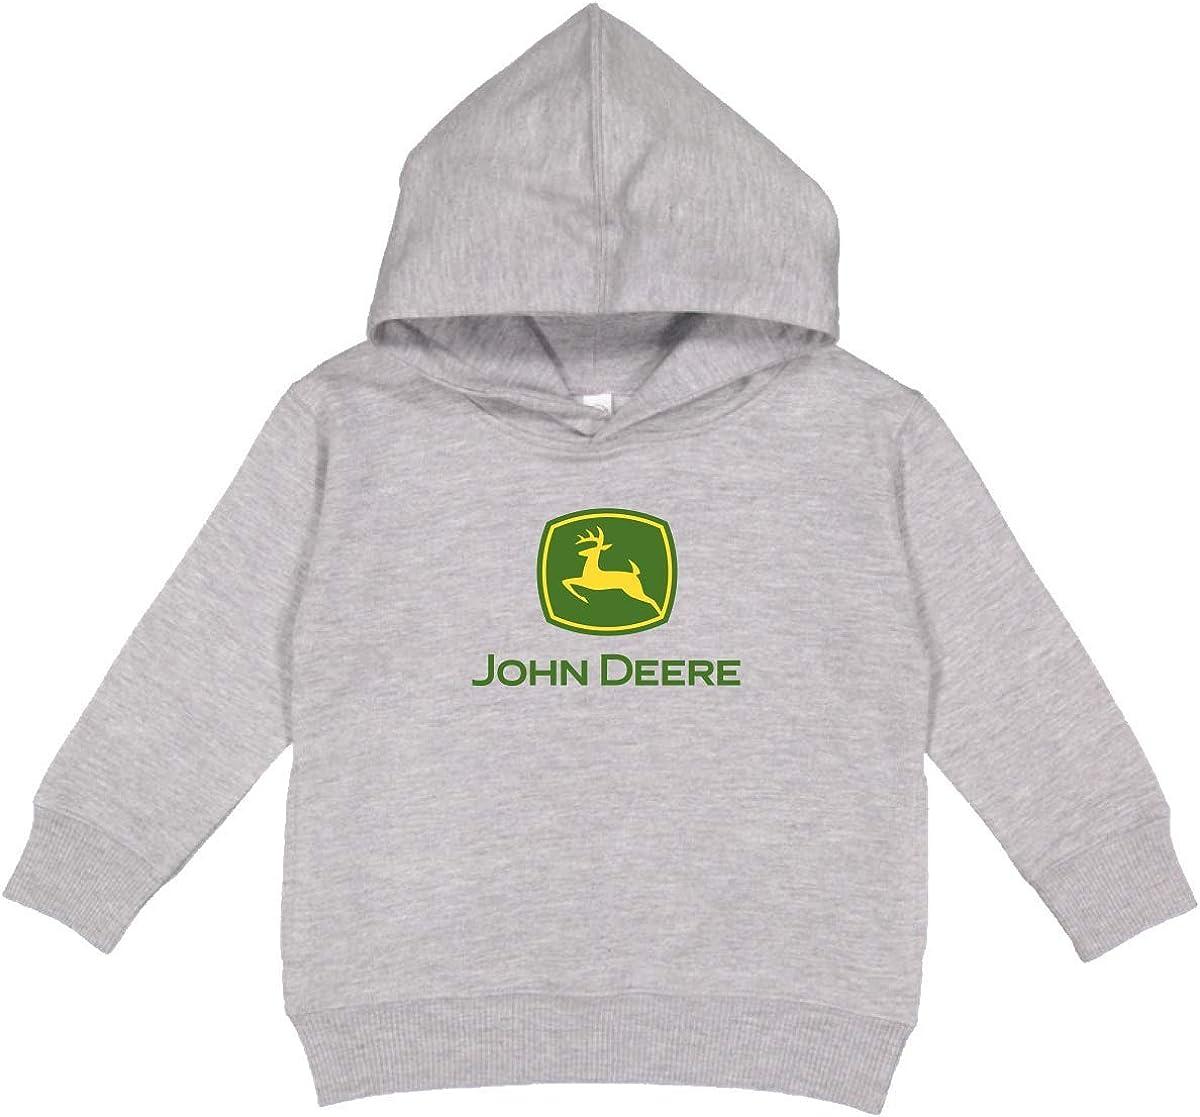 John Deere Youth Boy Logo Hooded